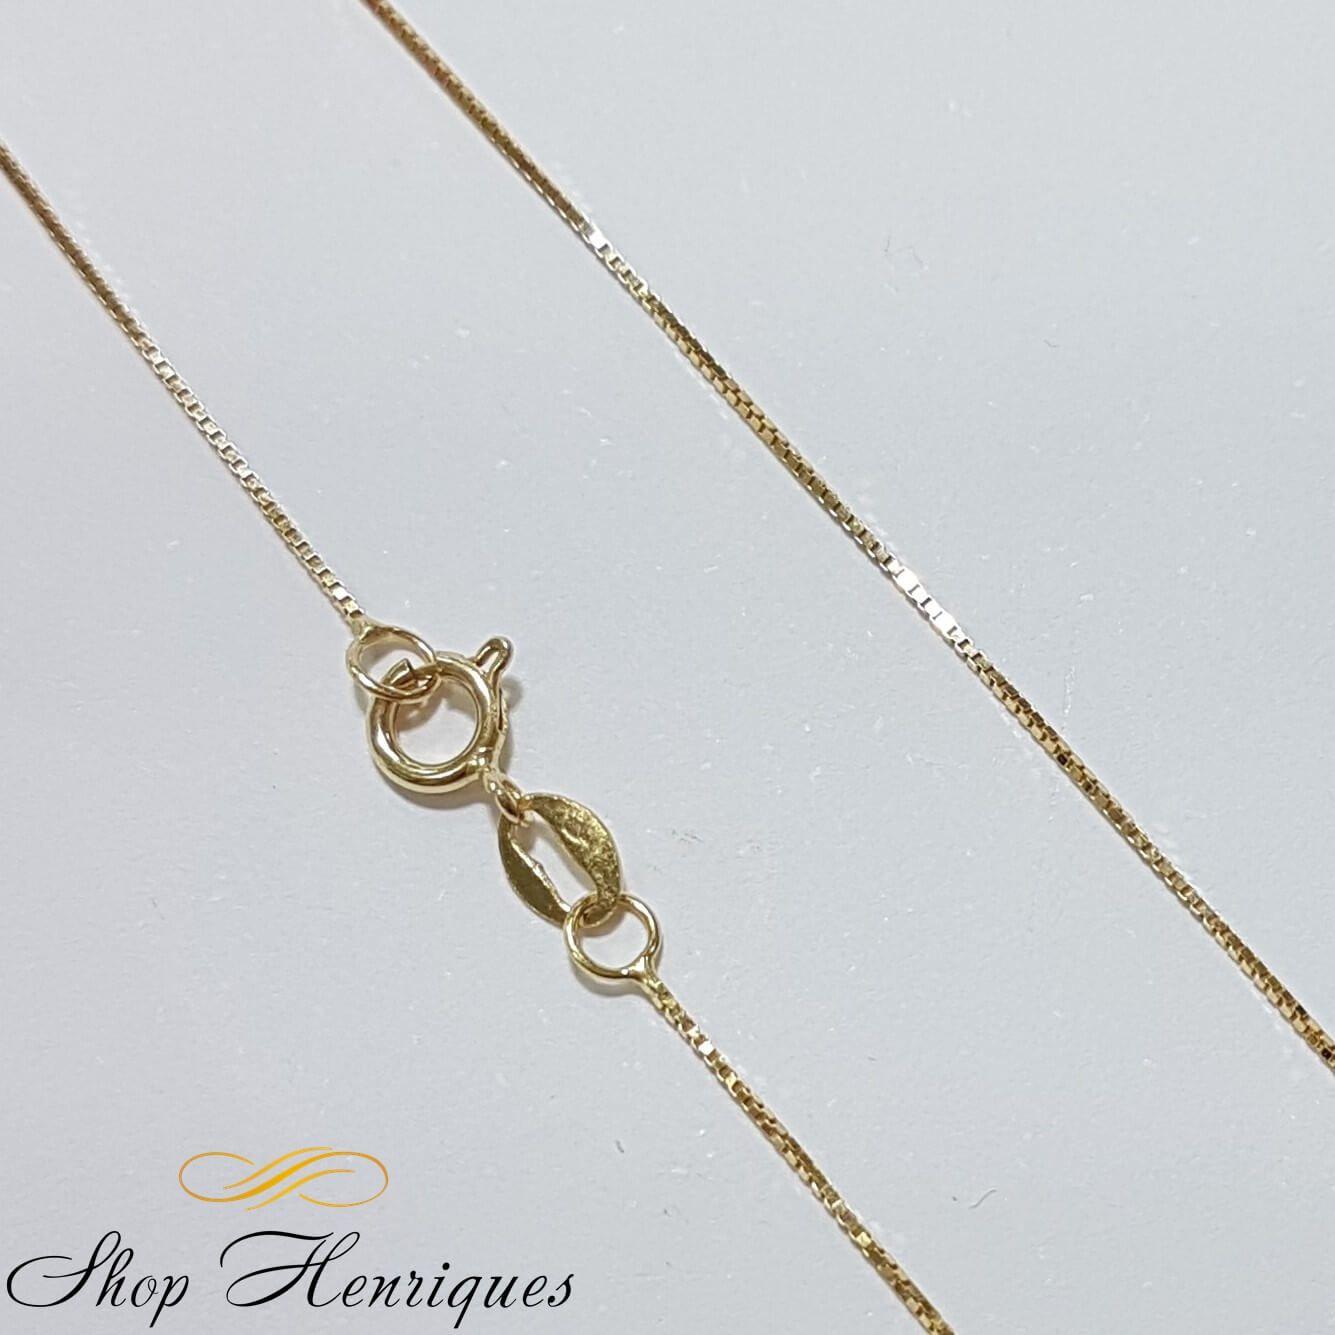 Corrente em Ouro Amarelo 18k Veneziana 45cm - Shop Henriques 6088af491e